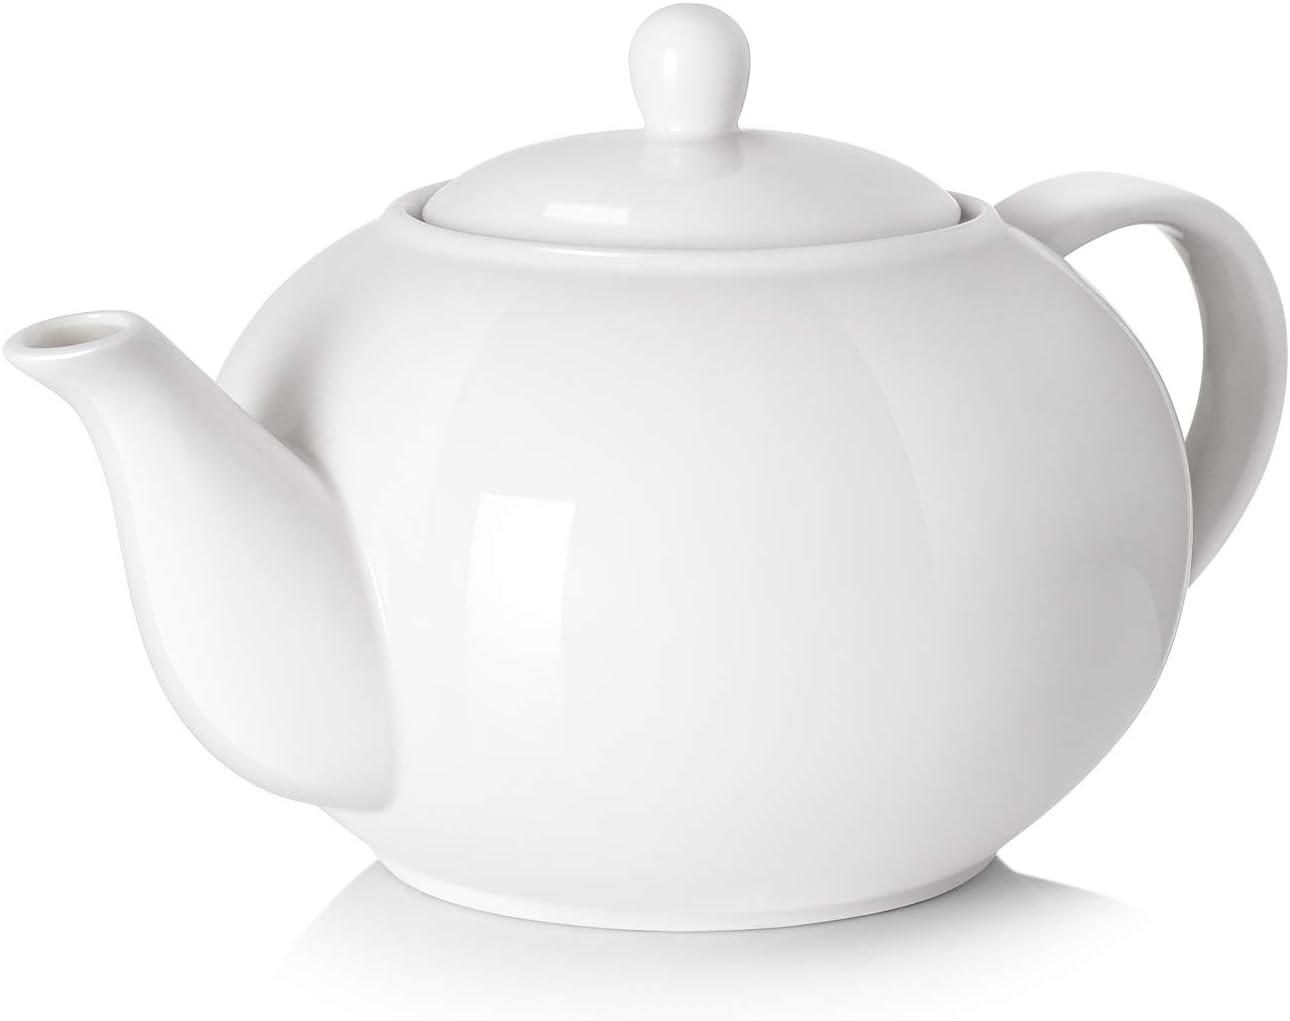 DOWAN Porcelain Teapot, 40 Ounce Tea Pot - Large Enough for 5 Cups, White